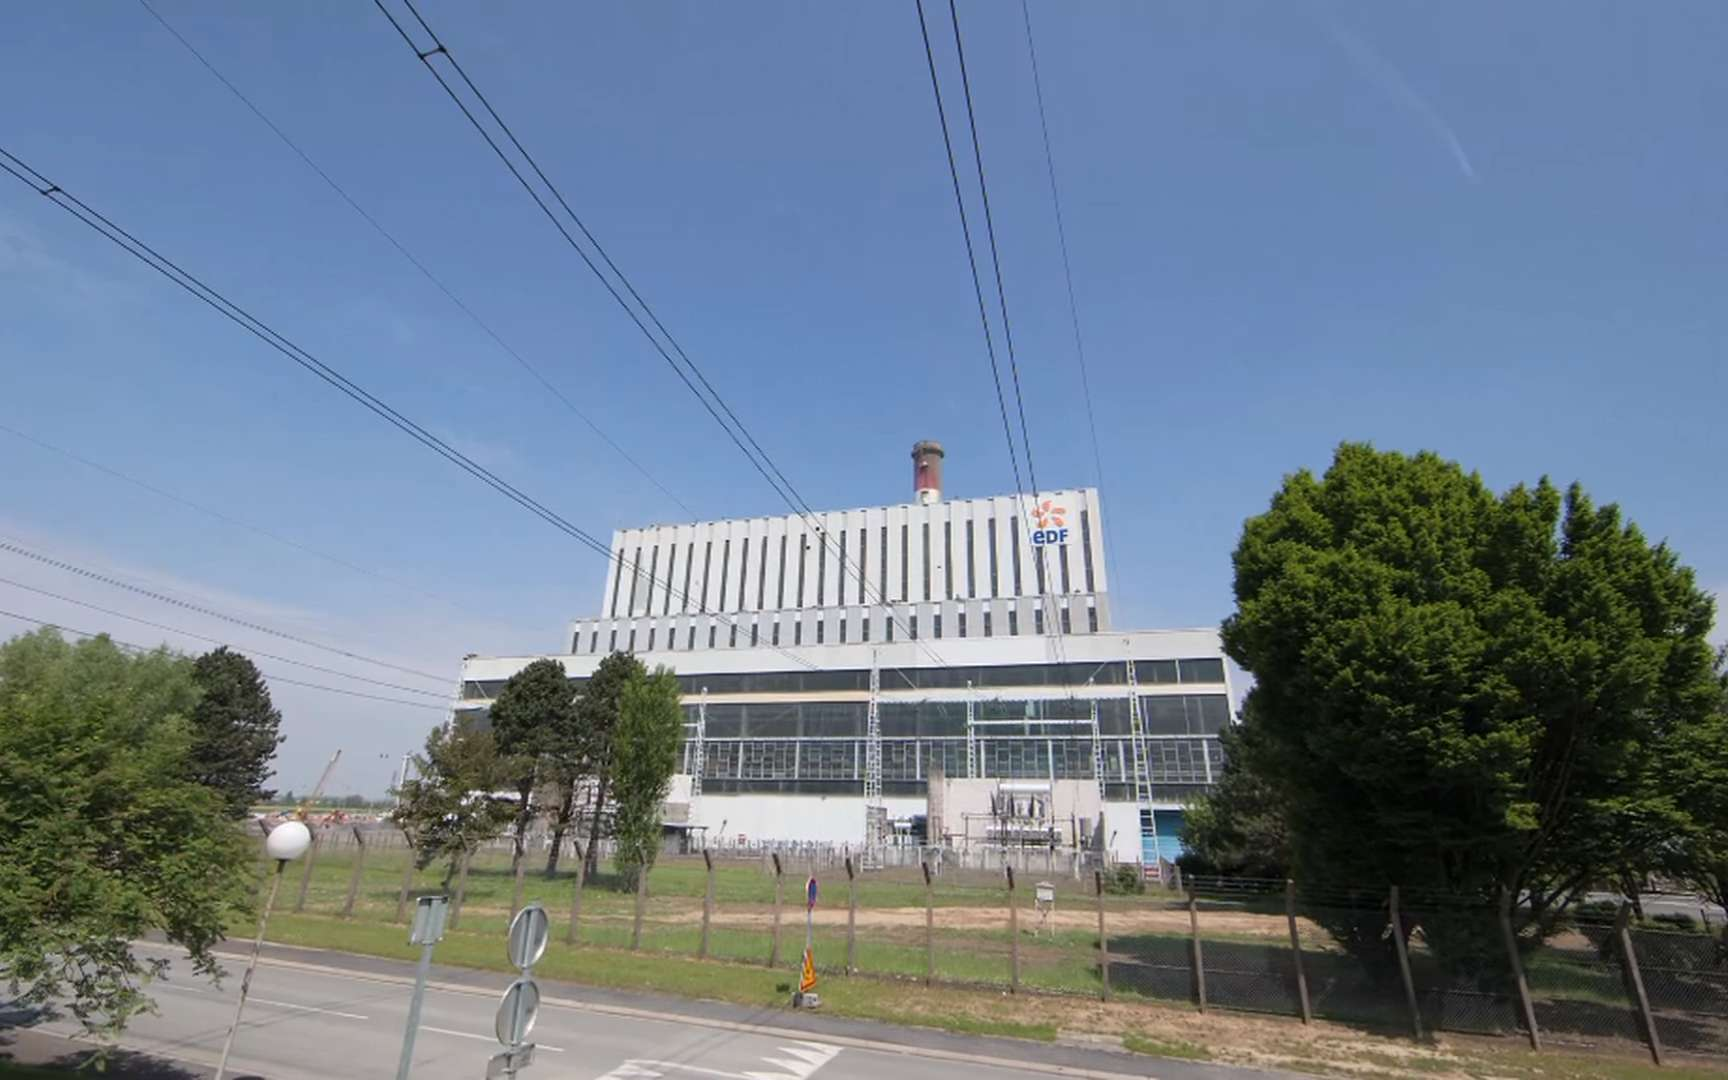 La nouvelle centrale de Bouchain abrite la turbine à gaz 9HA, la plus puissante du monde. Une seconde turbine, à vapeur, récupère de l'énergie des gaz chauds qui s'en échappent. Résultat : un rendement exceptionnel et des émissions très faibles de CO2, NOx et SO2. © EDF